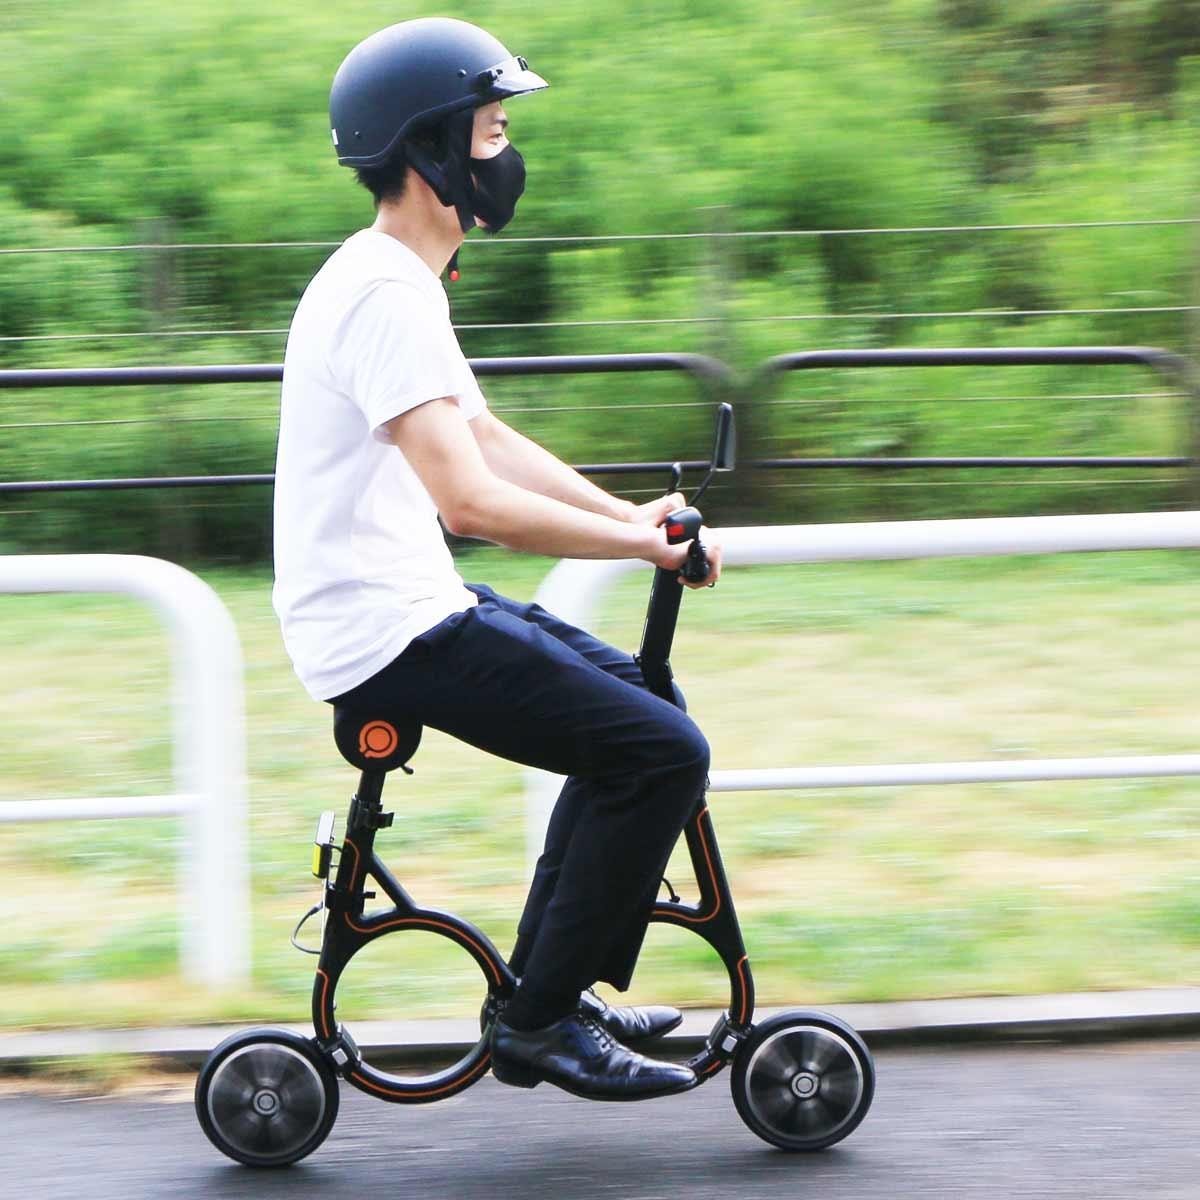 日本で乗れる新しい電動バイク!? 円形フレームが目を引く「Smacircle S1」に乗ってきた!!